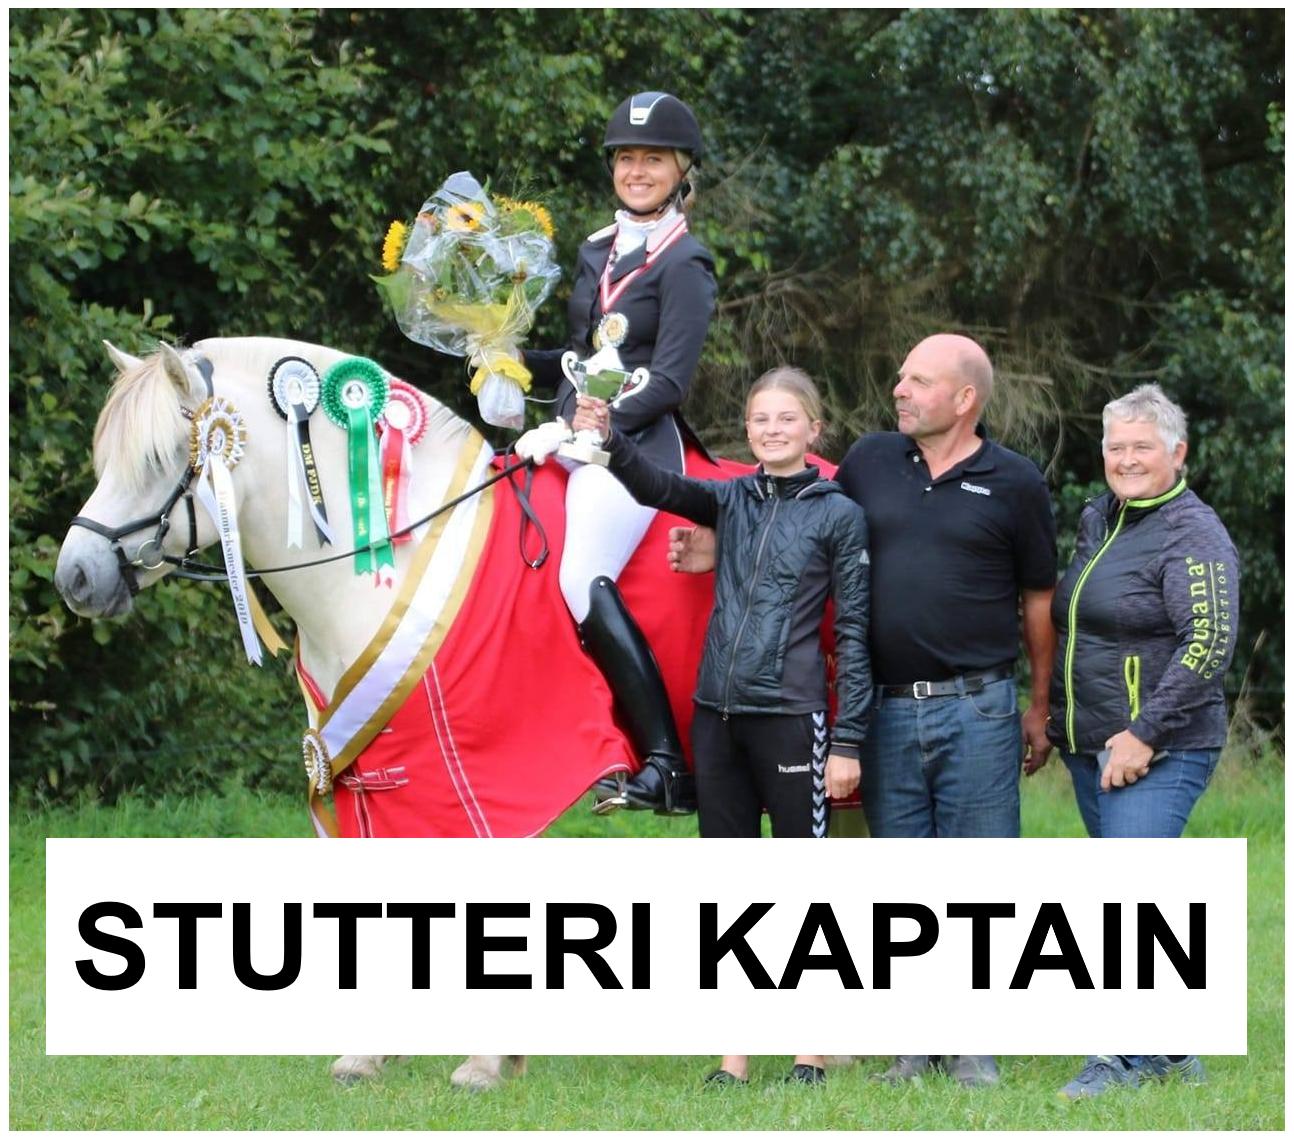 Stutteri Kaptain